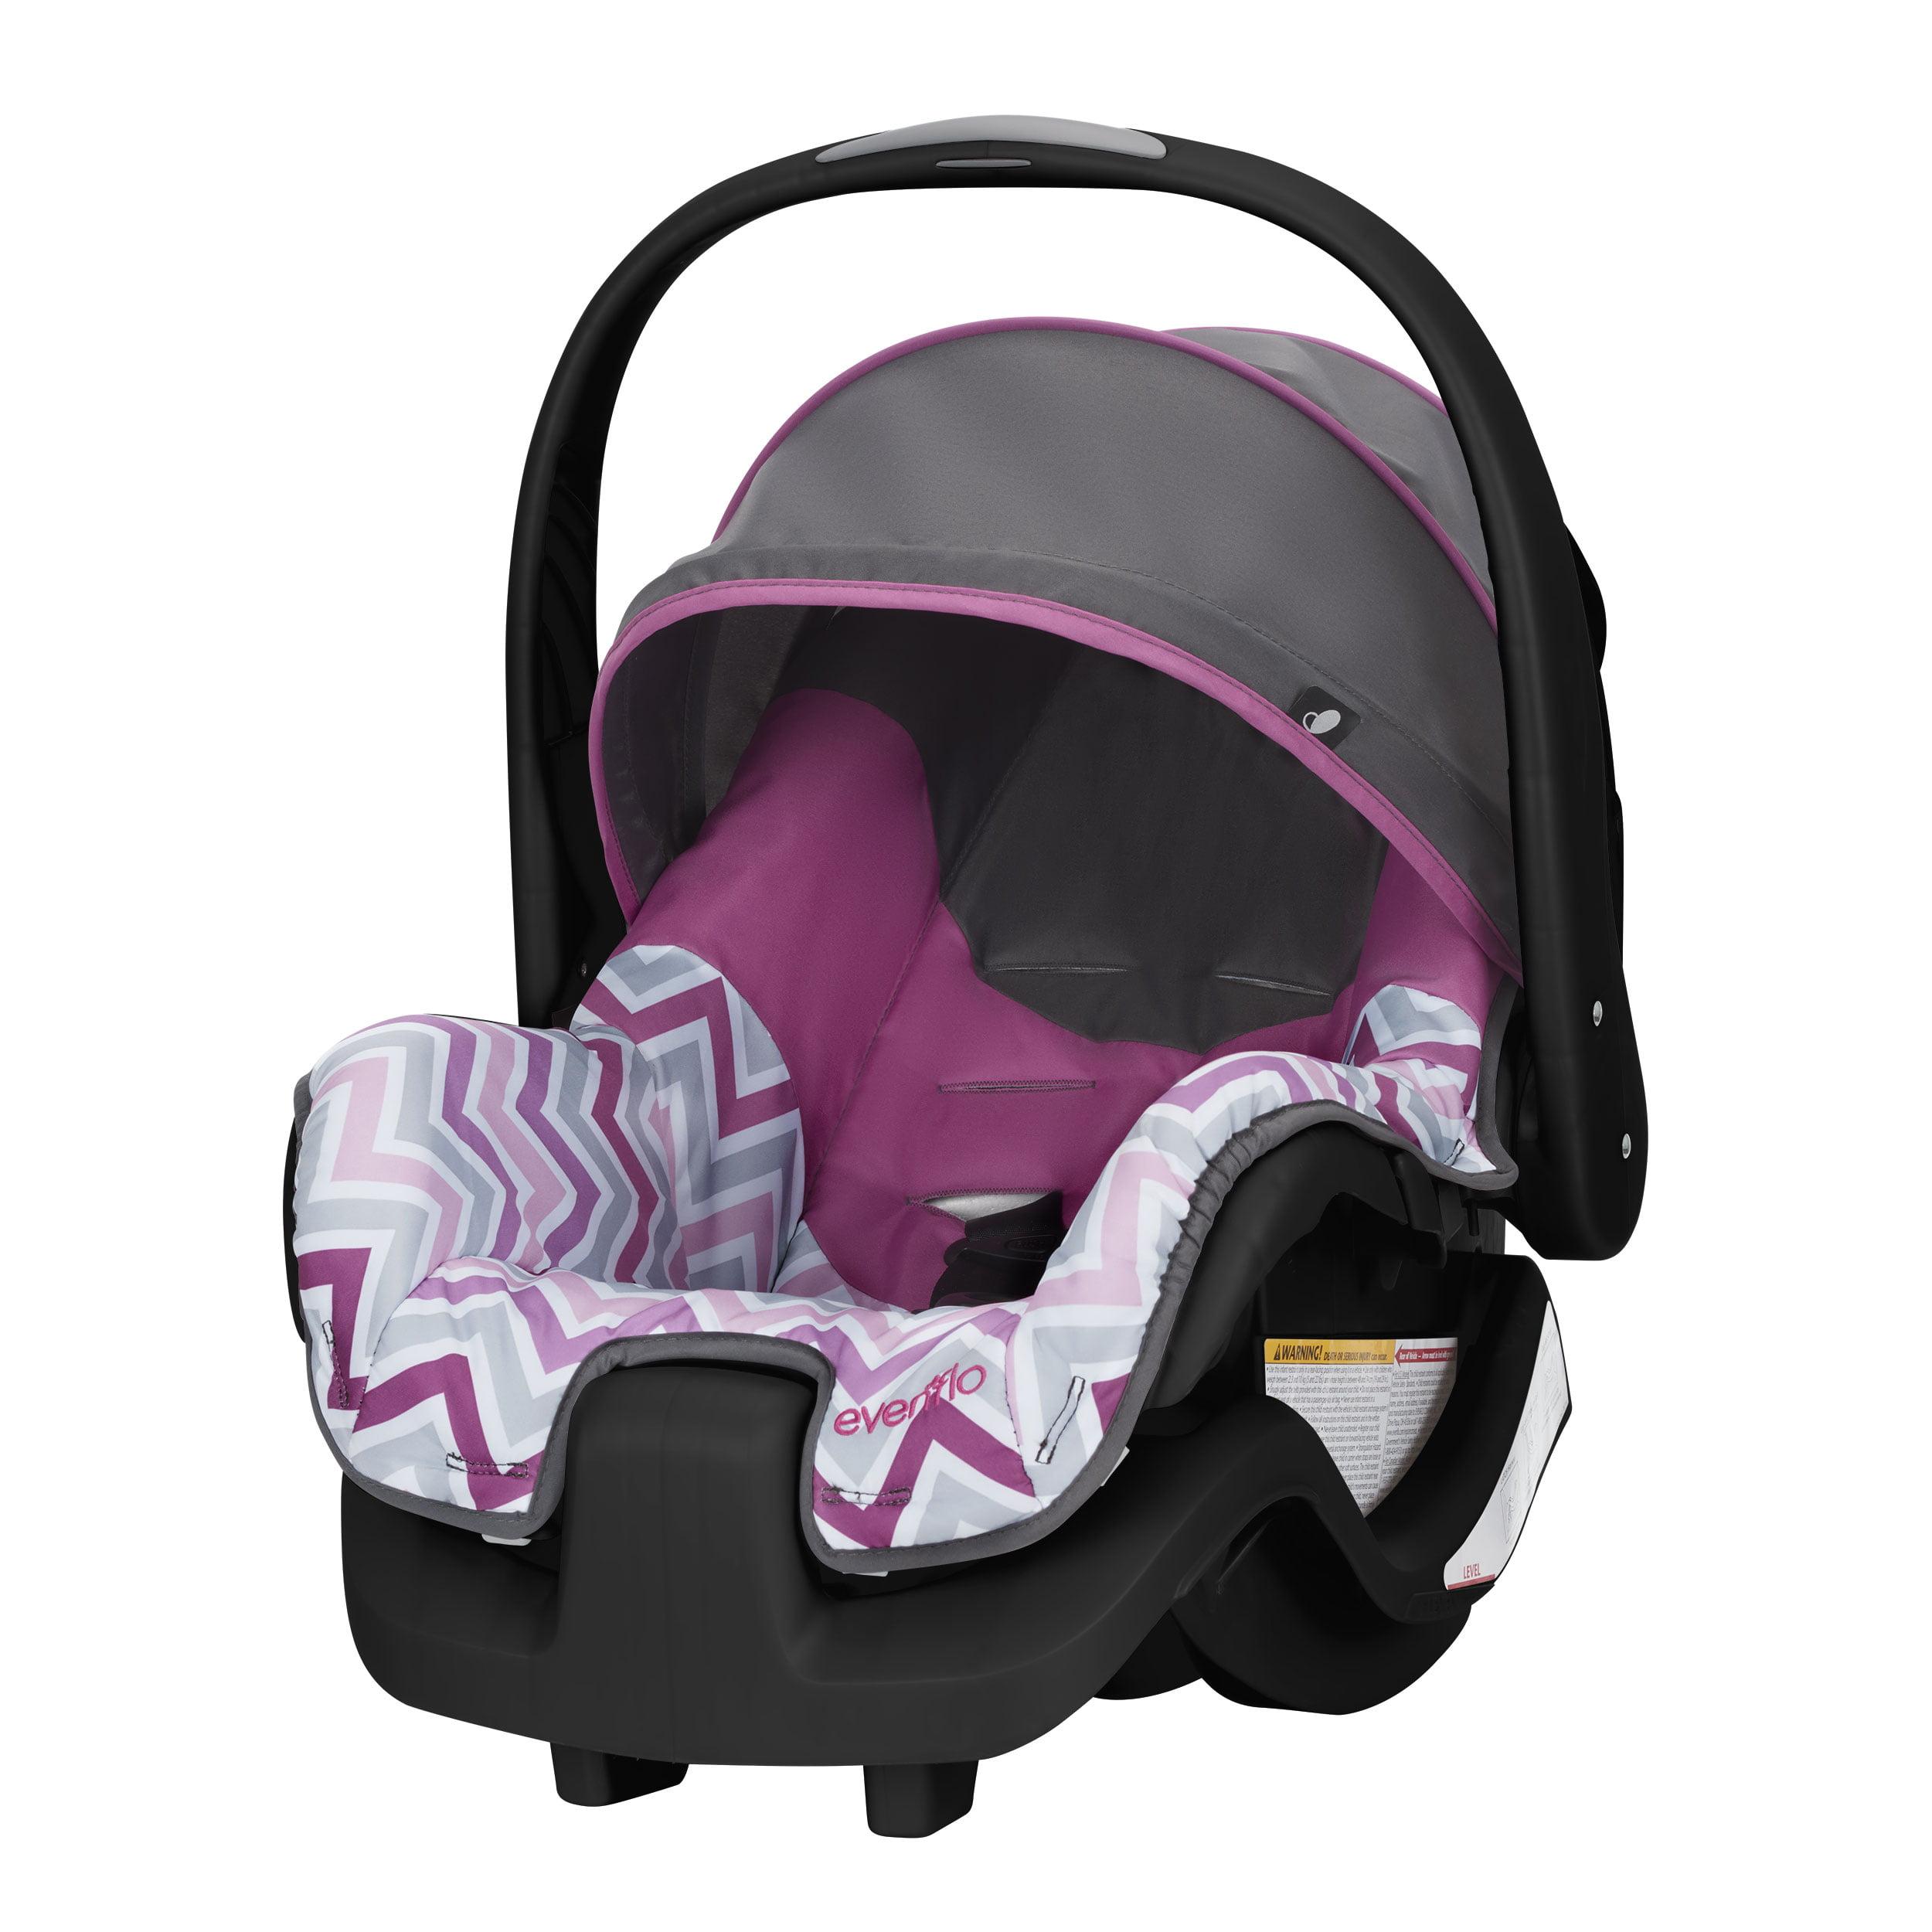 Evenflo Nurture Infant Car Seat, Max - Walmart.